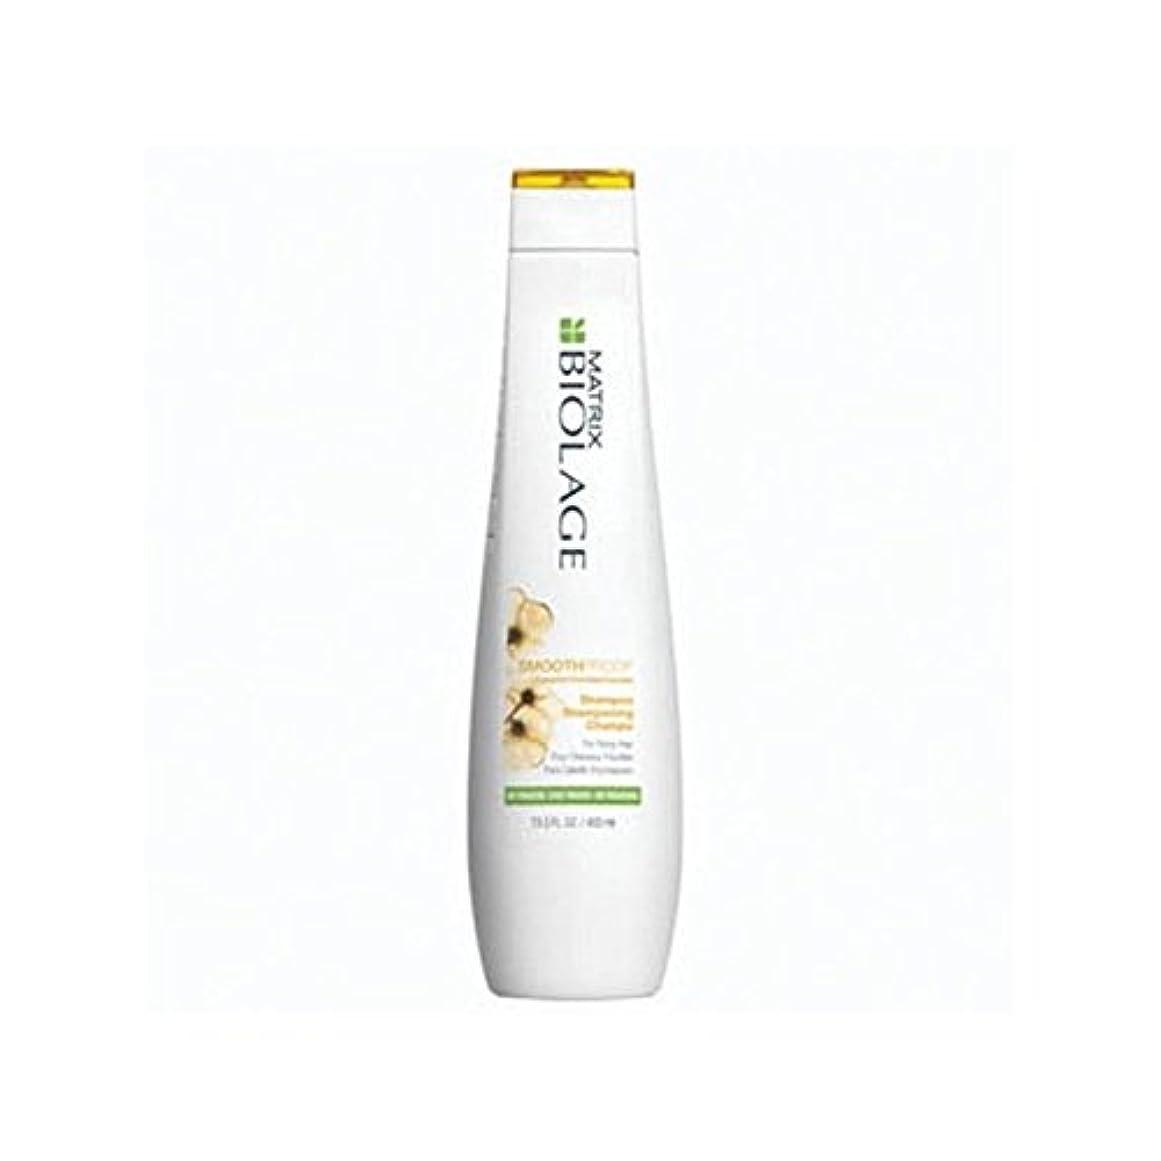 ジムセンサー正しいMatrix Biolage Smoothproof Shampoo (400ml) (Pack of 6) - マトリックスバイオレイジのシャンプー(400ミリリットル) x6 [並行輸入品]